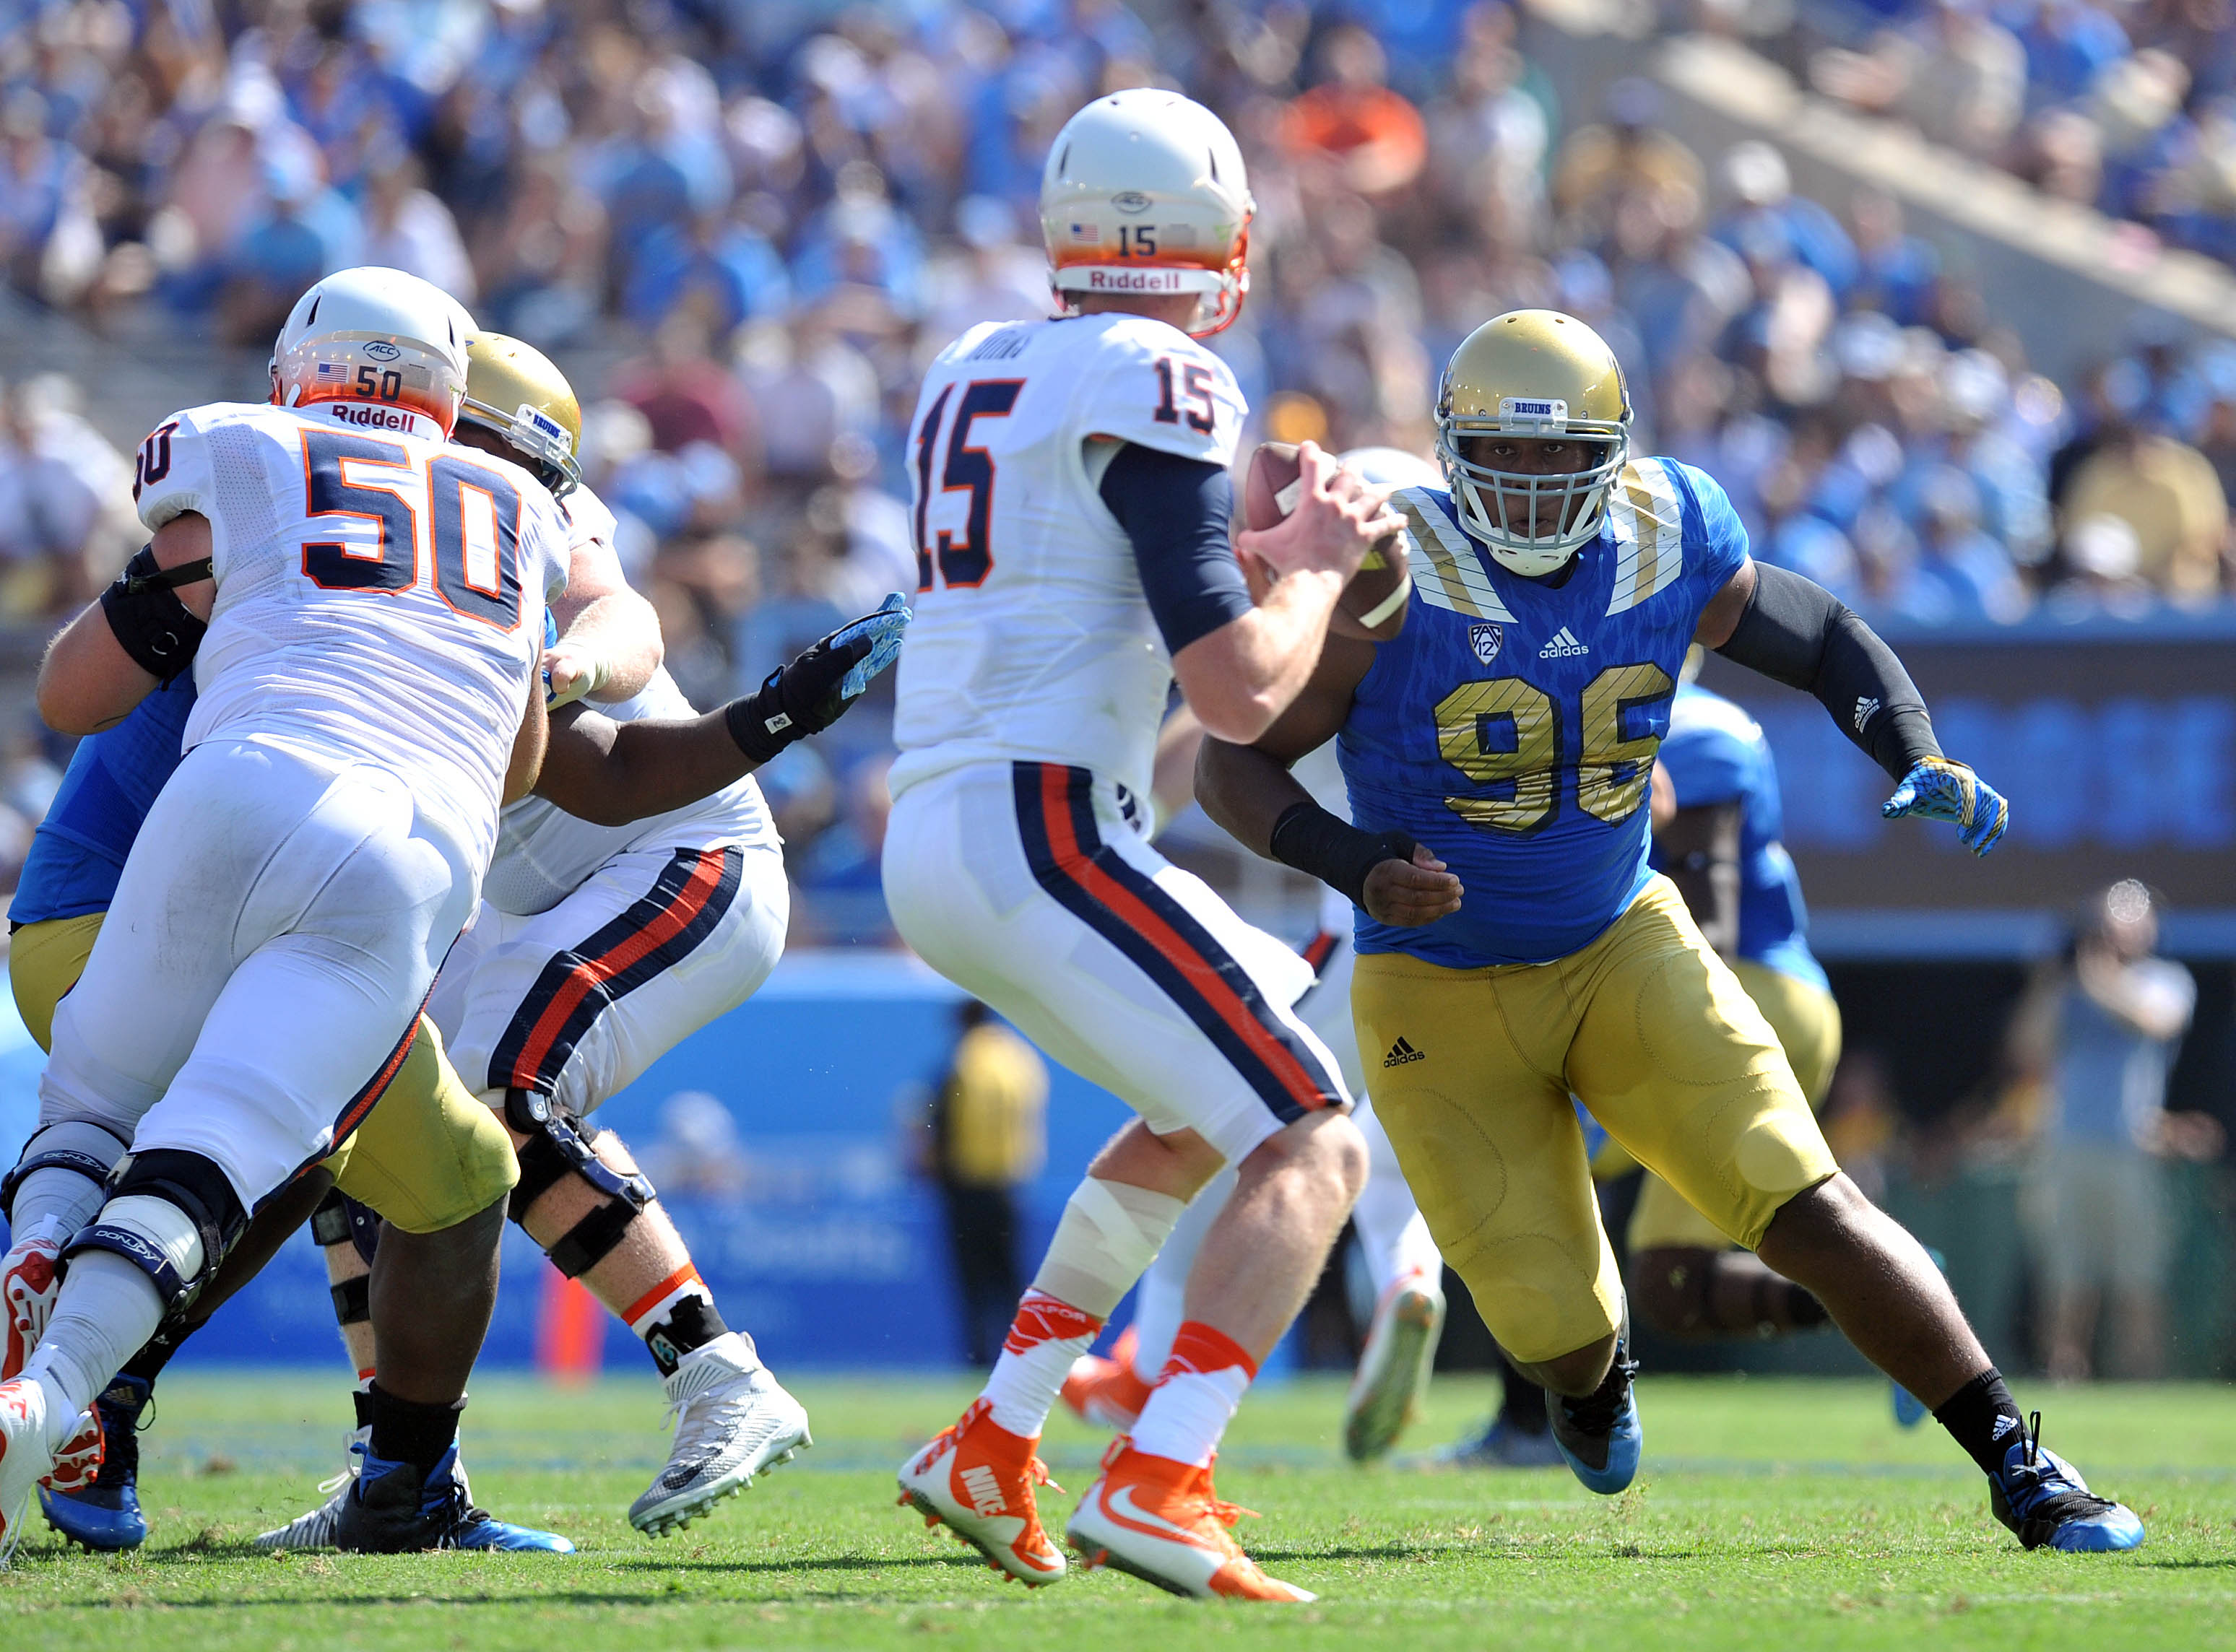 NCAA Football: Virginia at UCLA